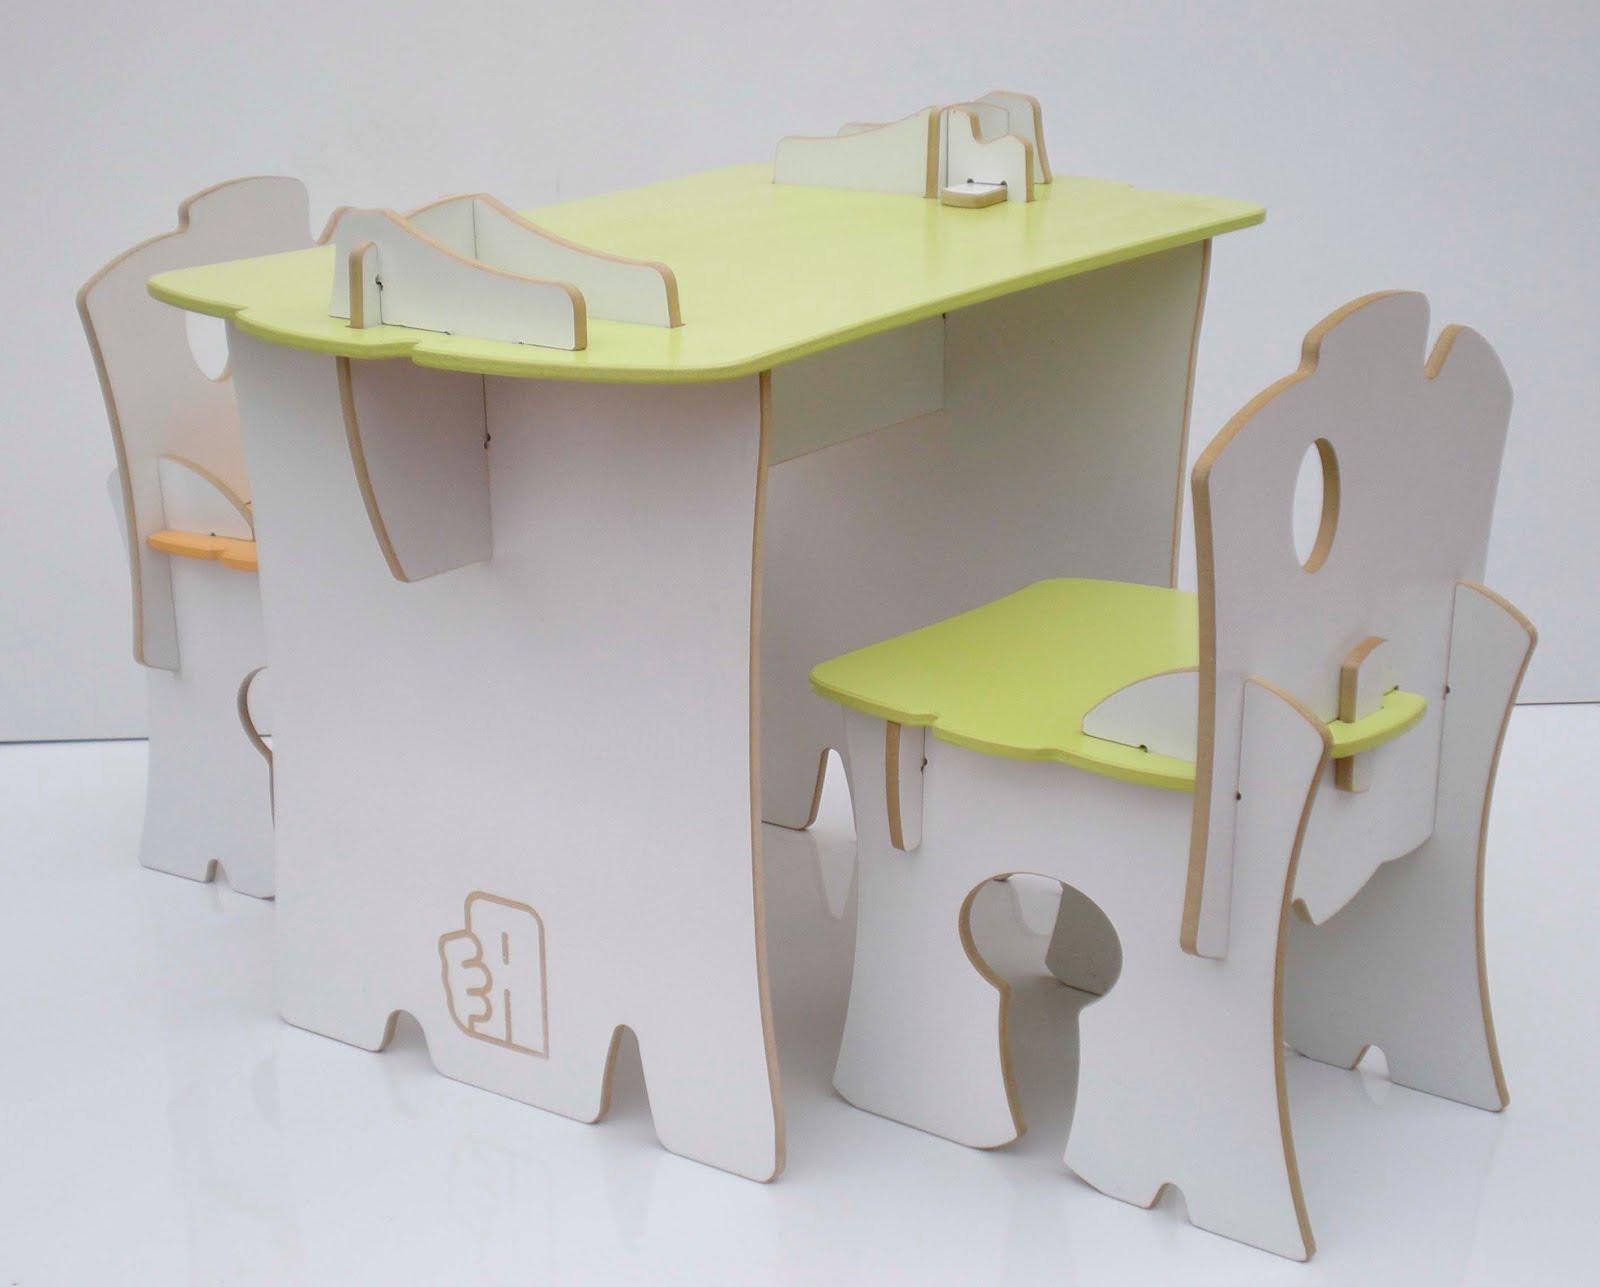 Mesa y 2 sillas para ni os mesas y sillas a ars 360 en - Mesas y sillas para ninos ...